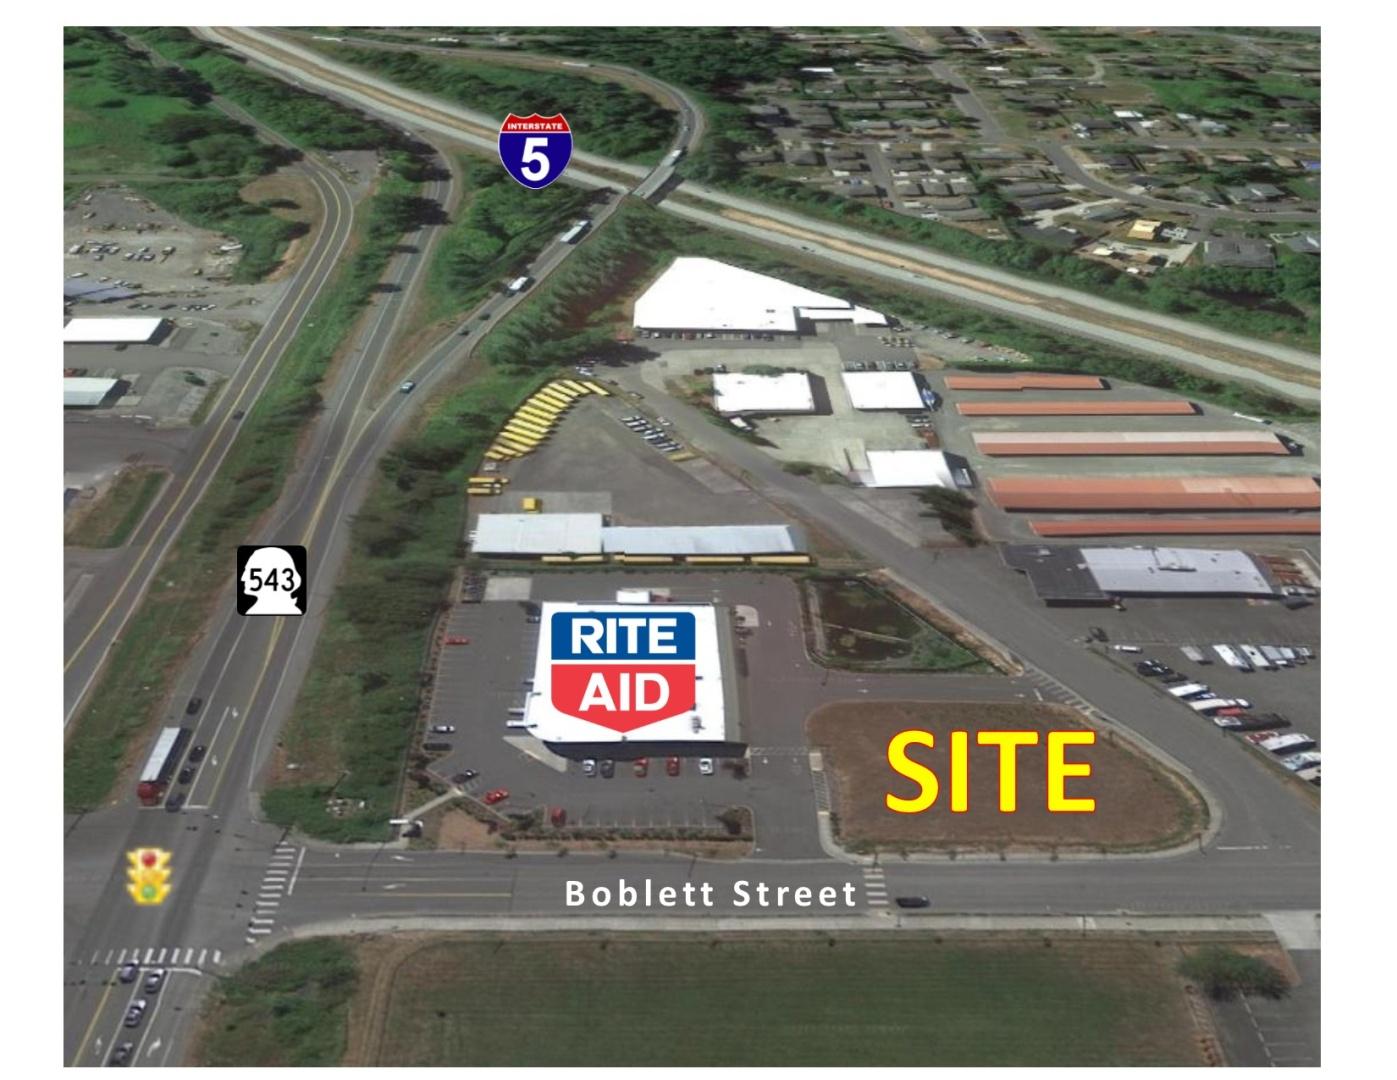 1195 Boblett St Property Photo - Blaine, WA real estate listing